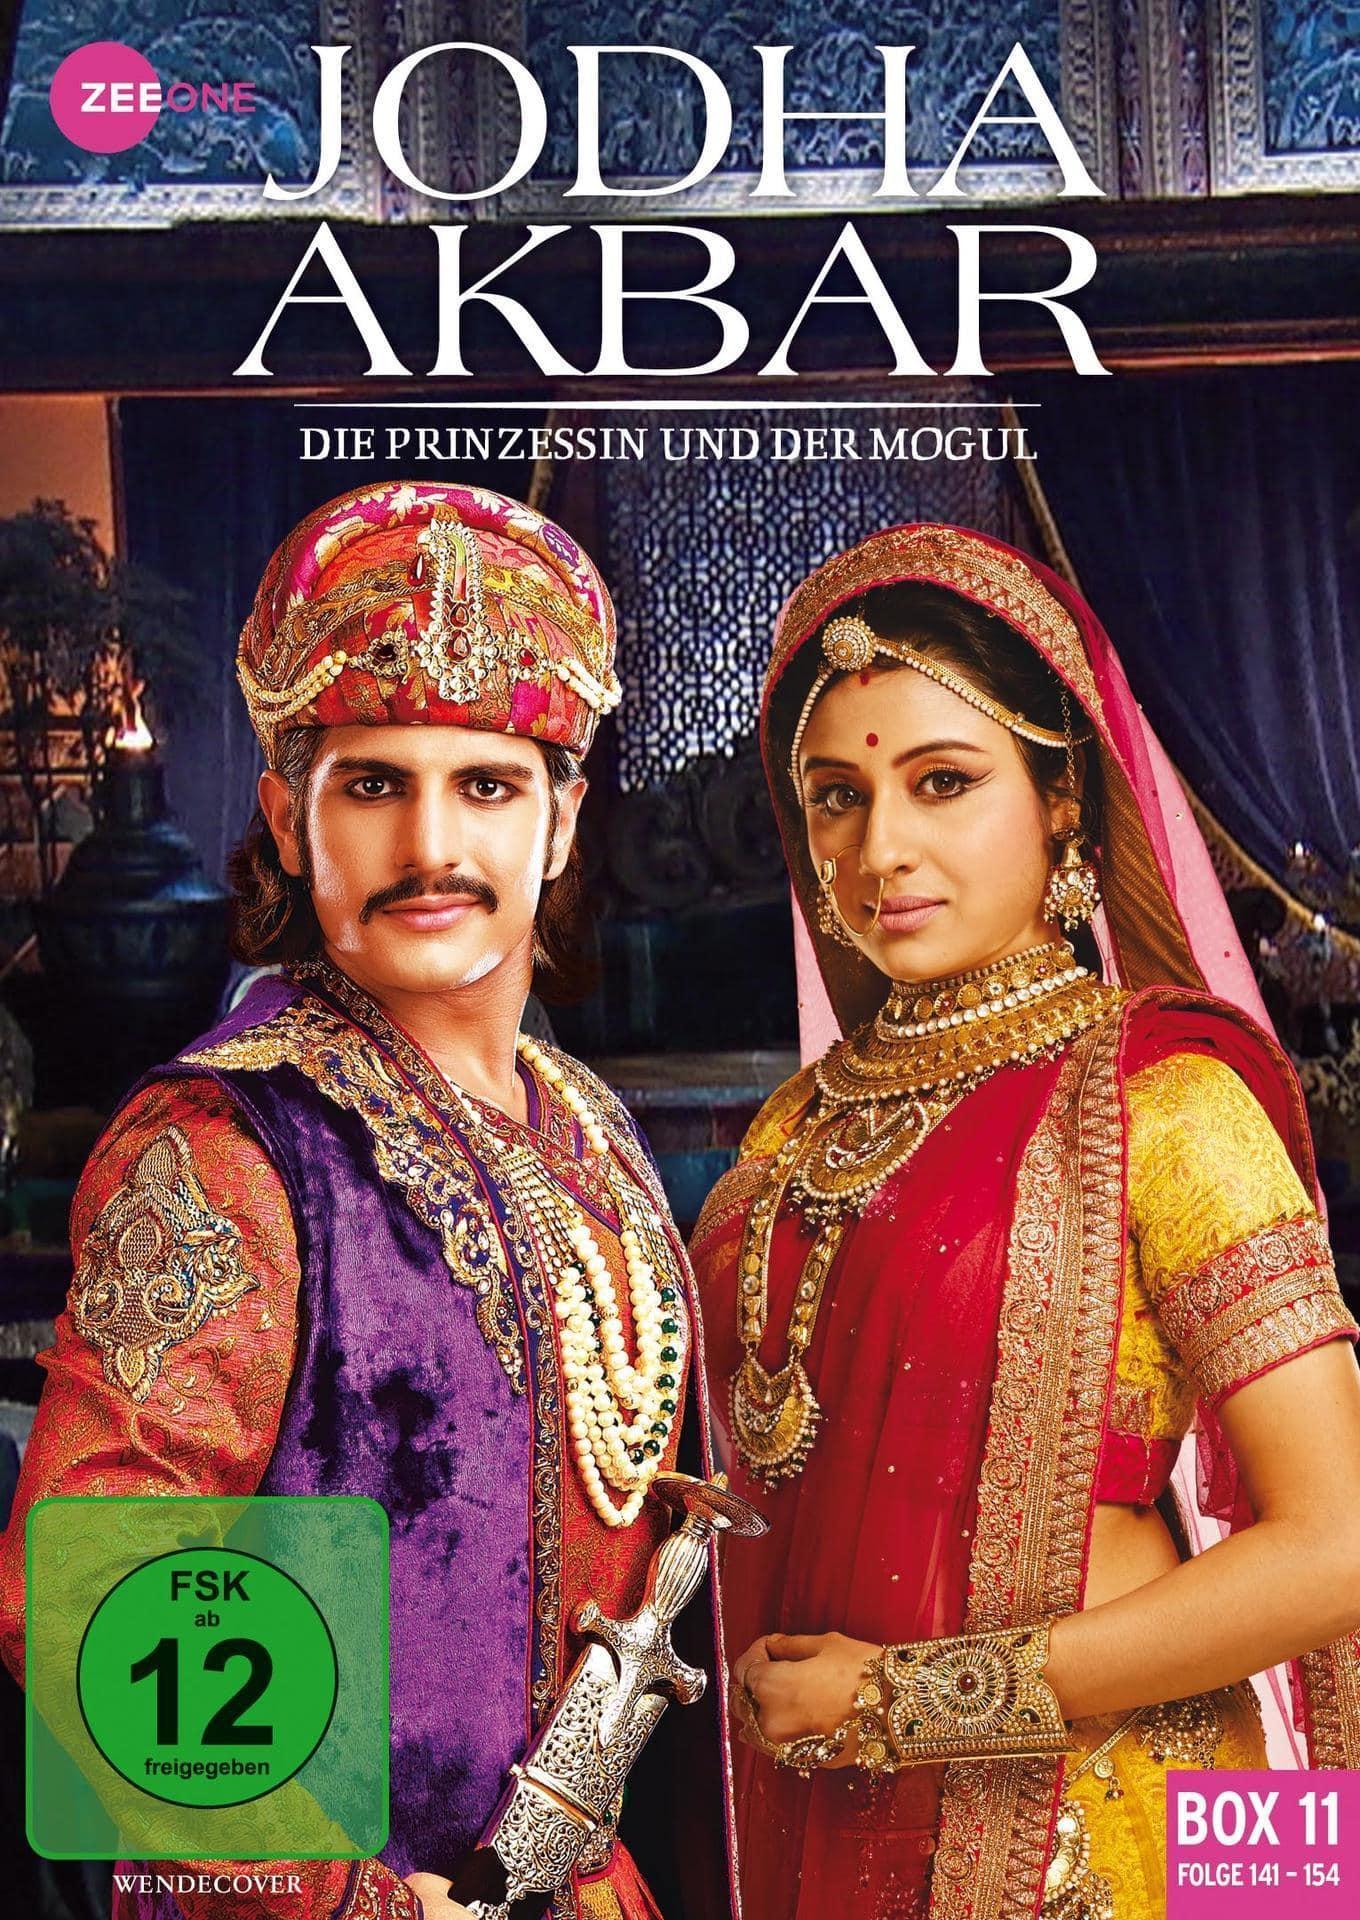 Jodha Akbar - Die Prinzessin und der Mogul (Box 11) (Folge 141-154) DVD-Box (DVD) für 15,99 Euro